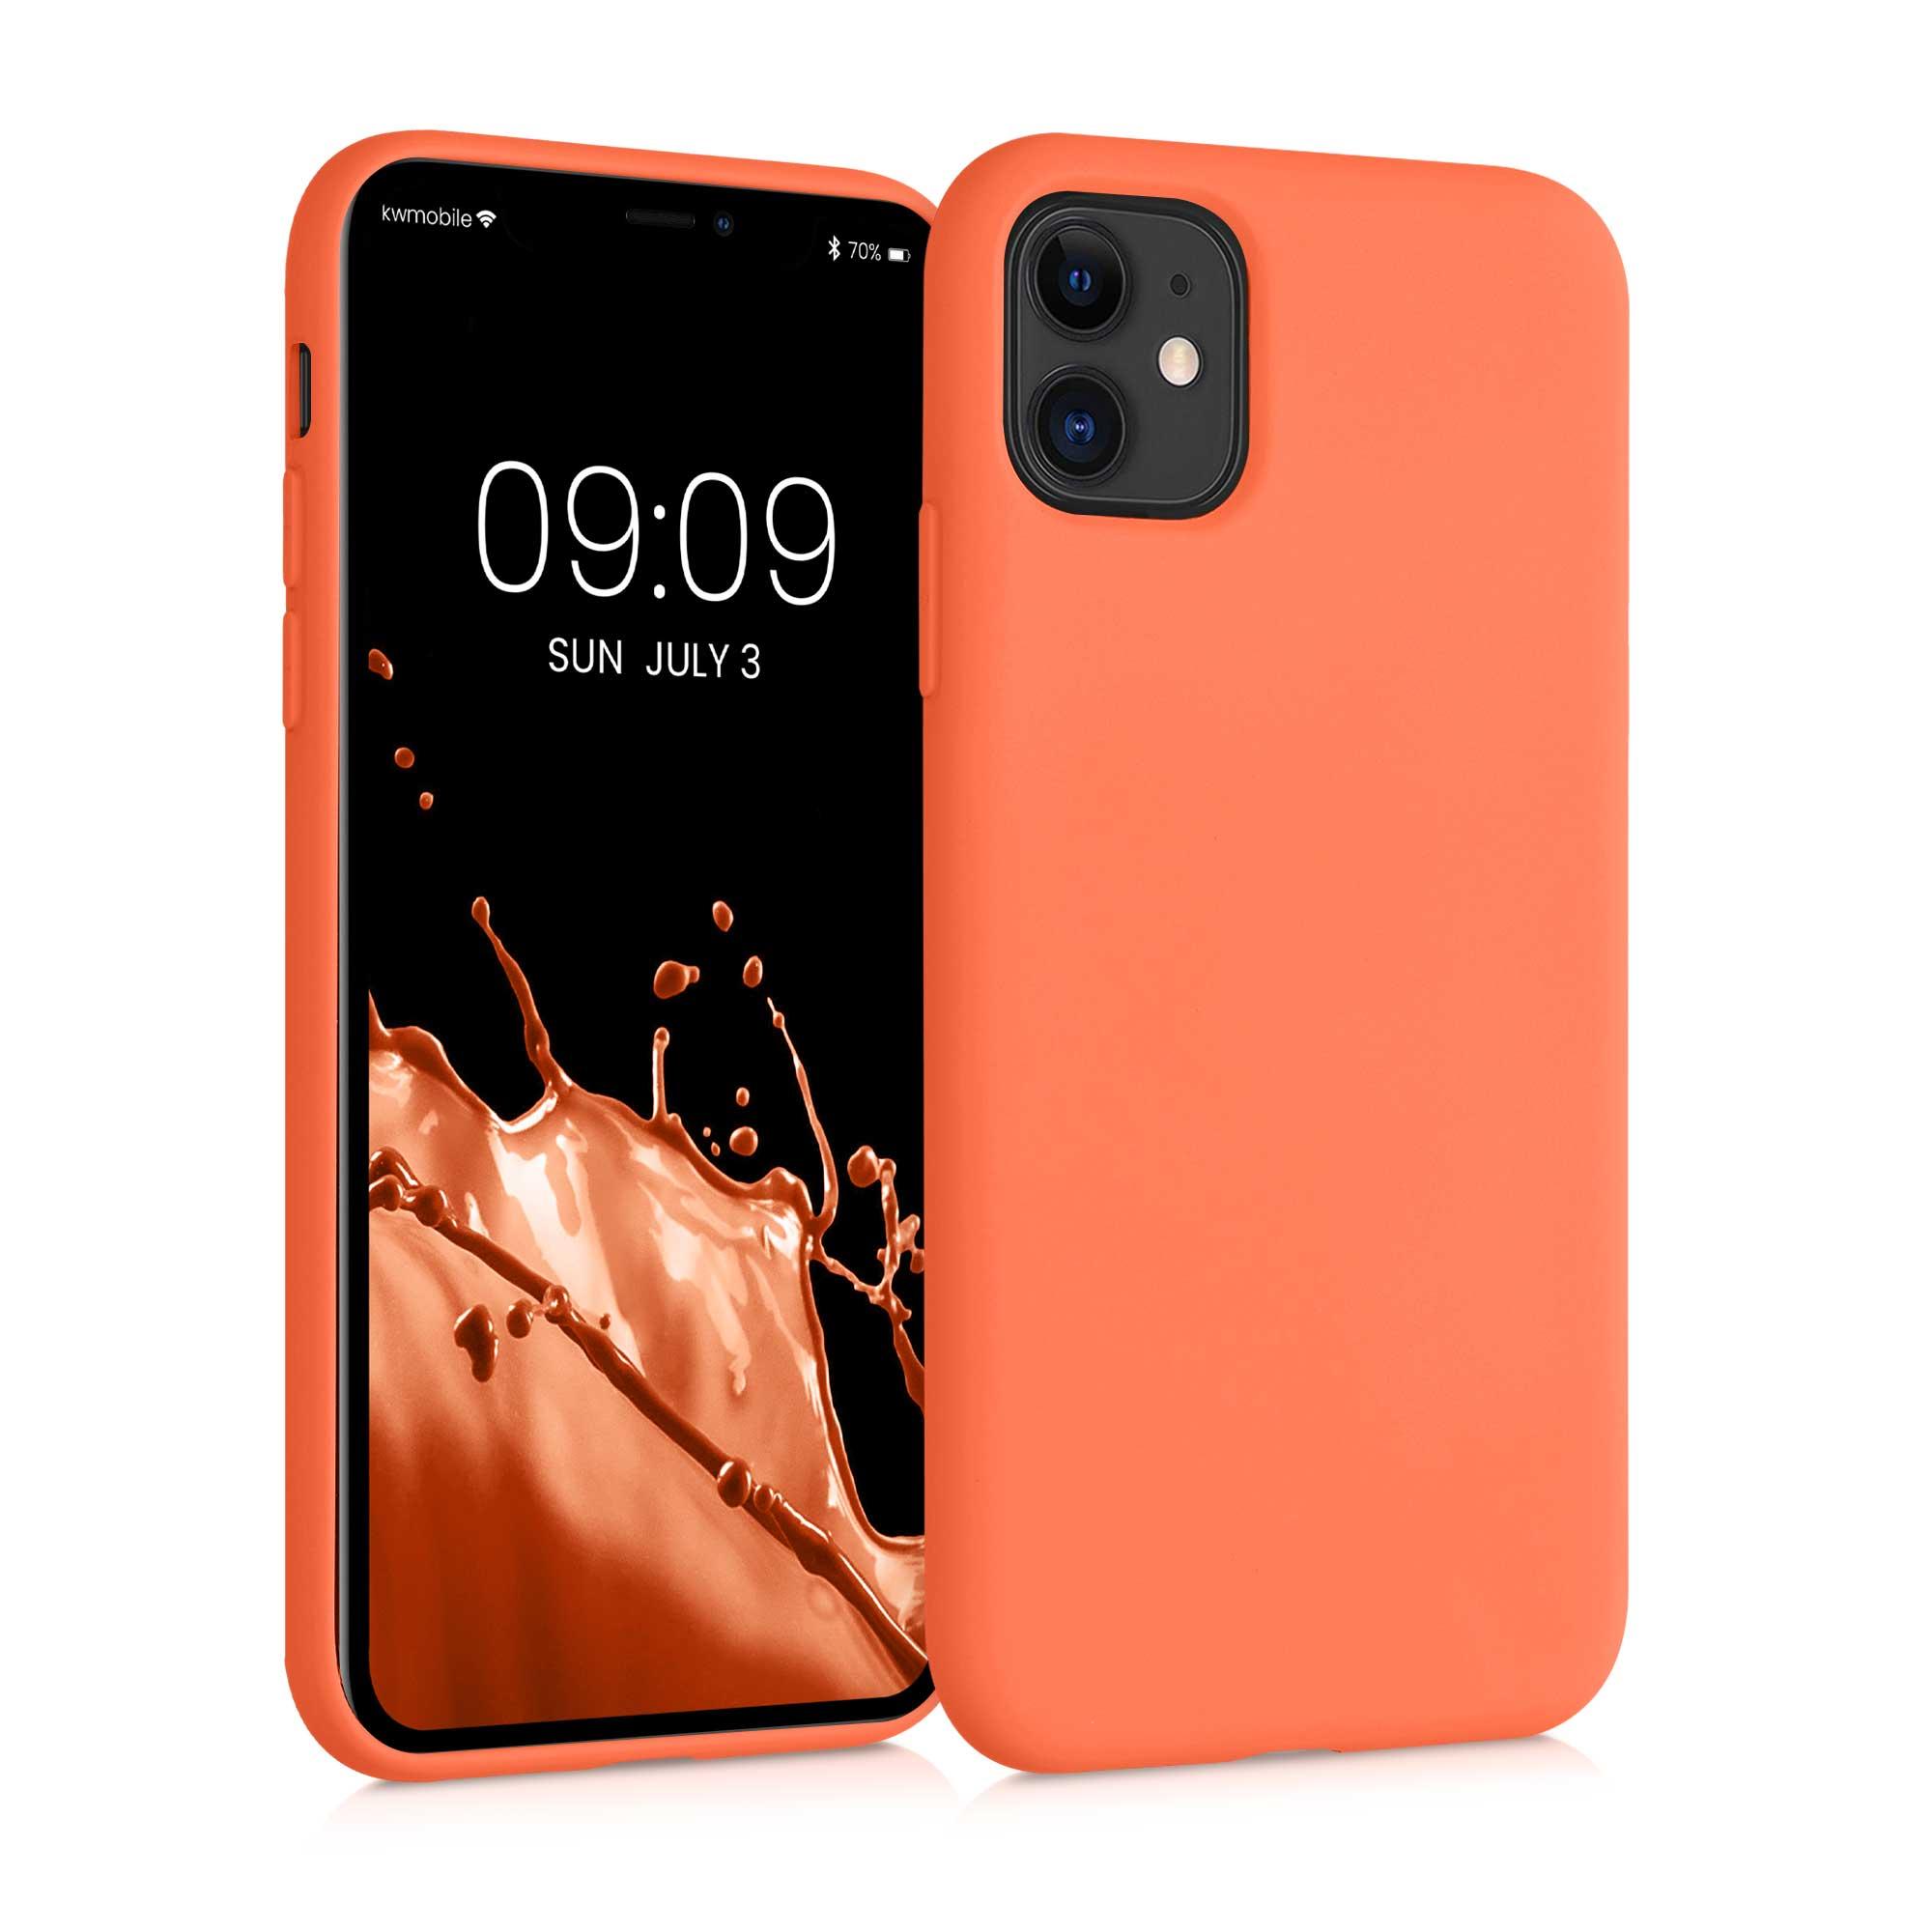 Kvalitní silikonové TPU pouzdro pro Apple iPhone 11 - Neon Coral